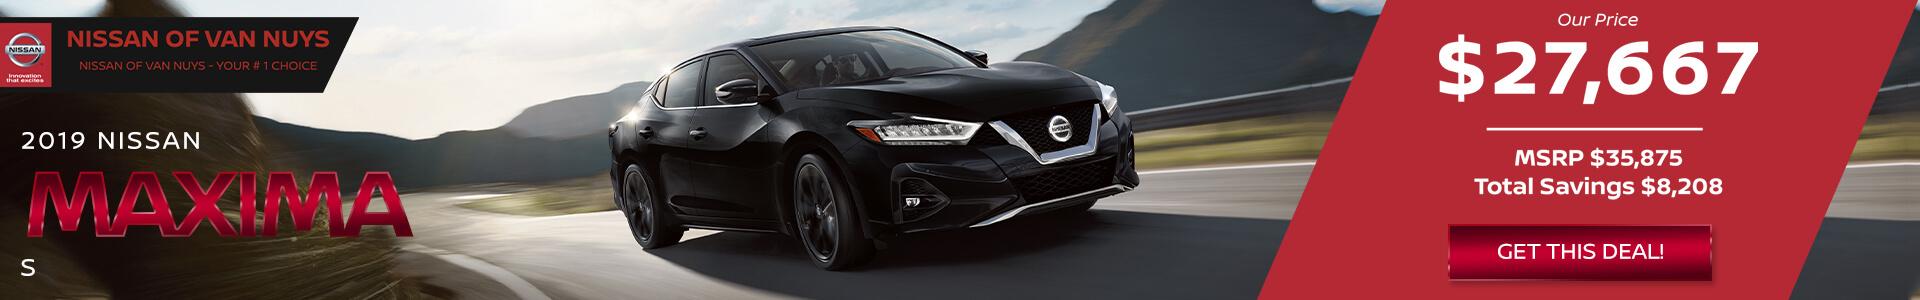 Nissan Maxima $27667